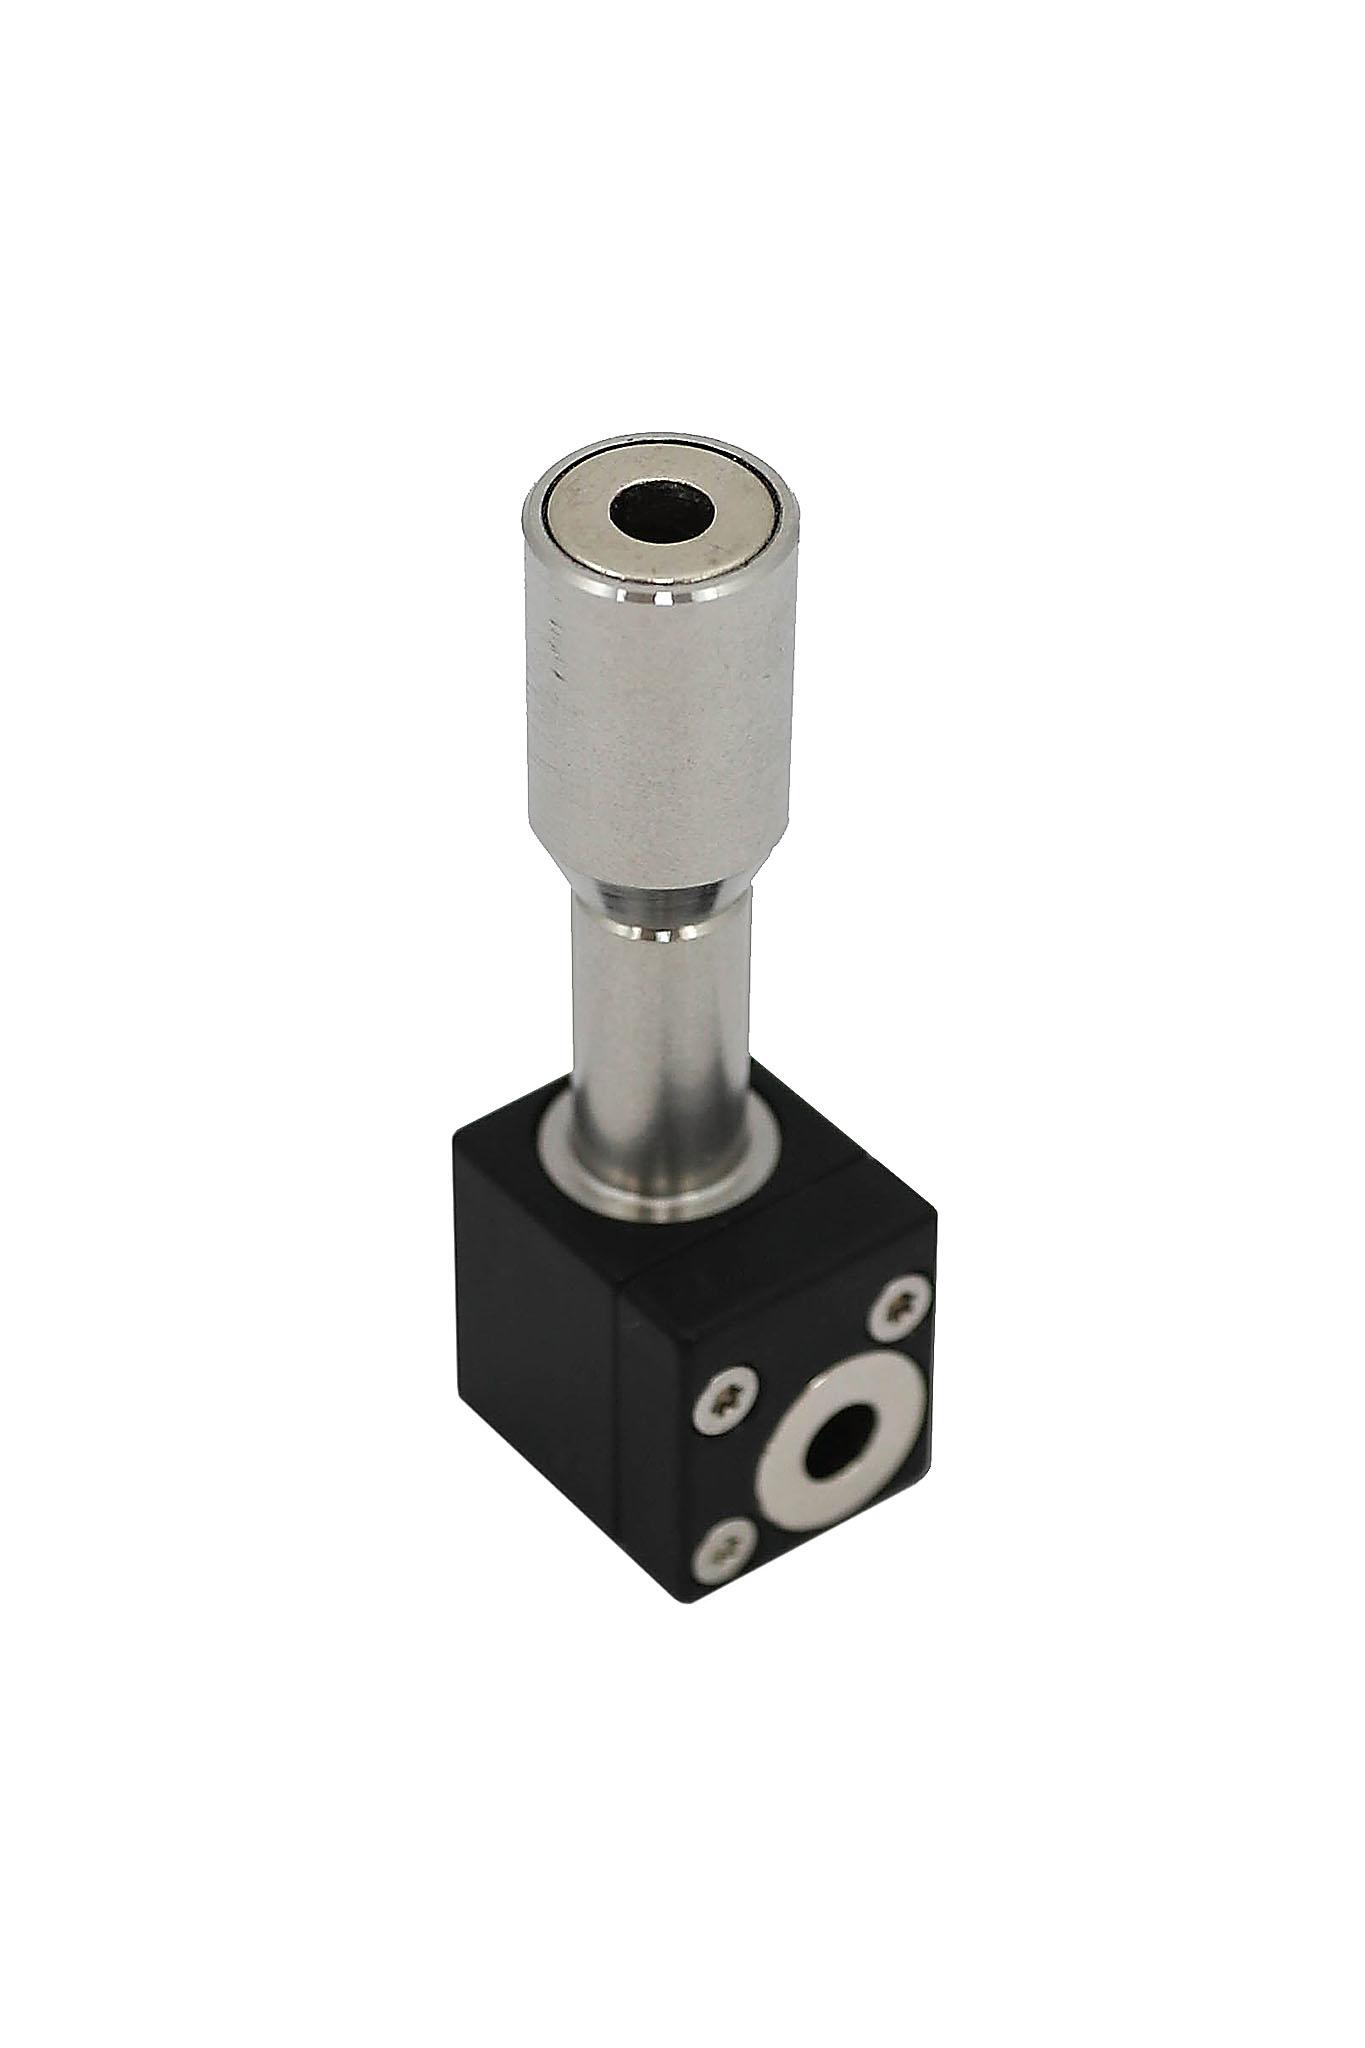 Reflector prism for laser encoder